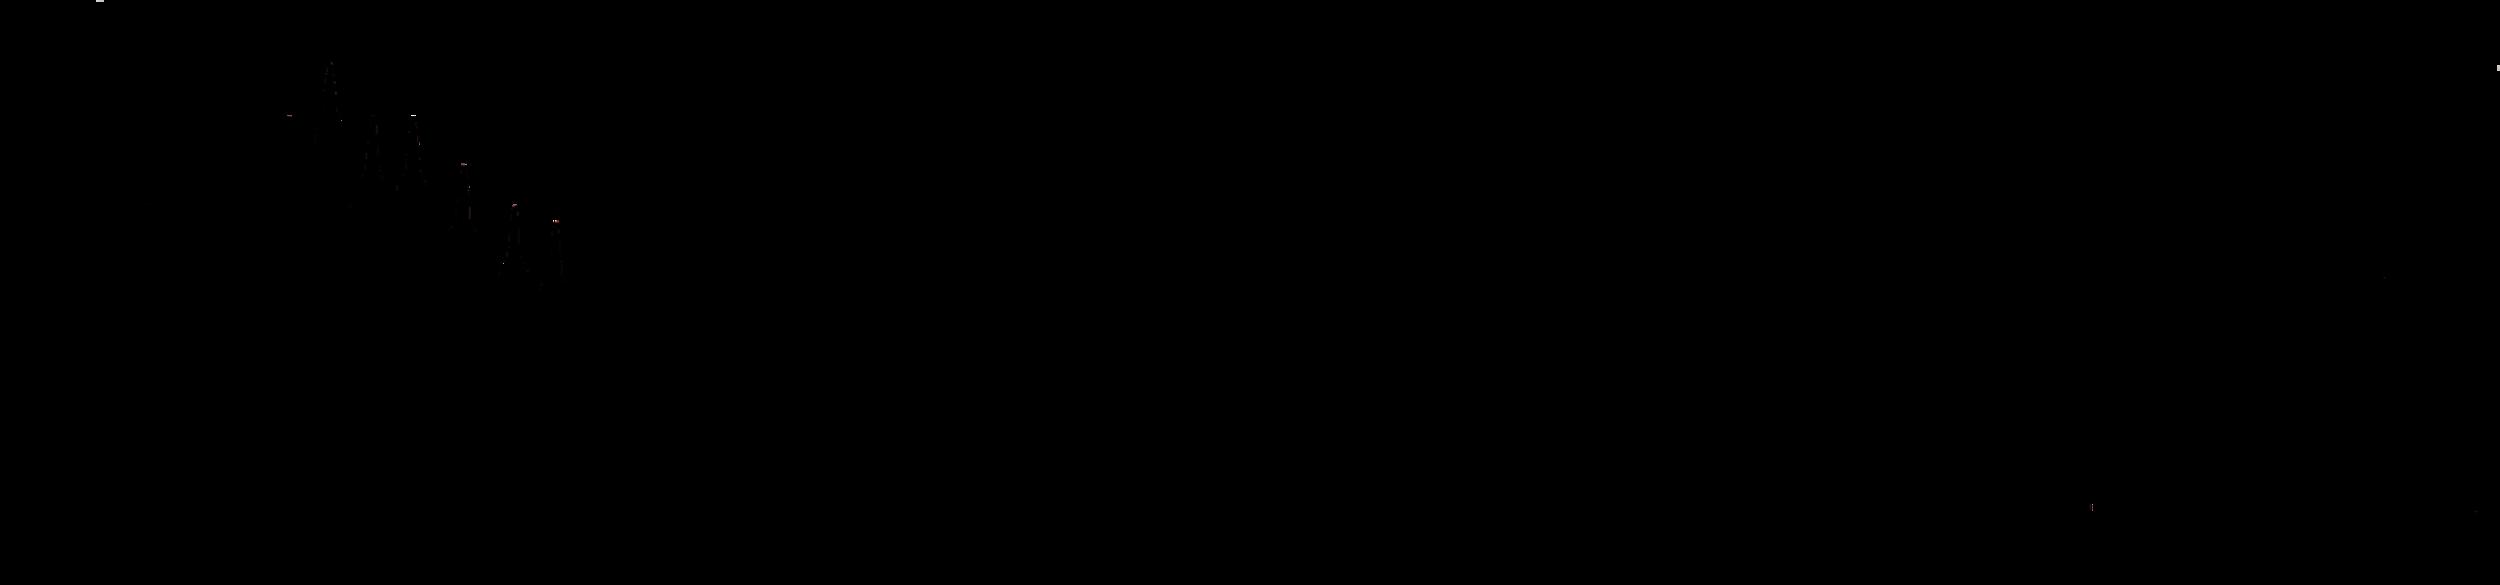 logo faema 5000 x 1170 Black FAEMA.png